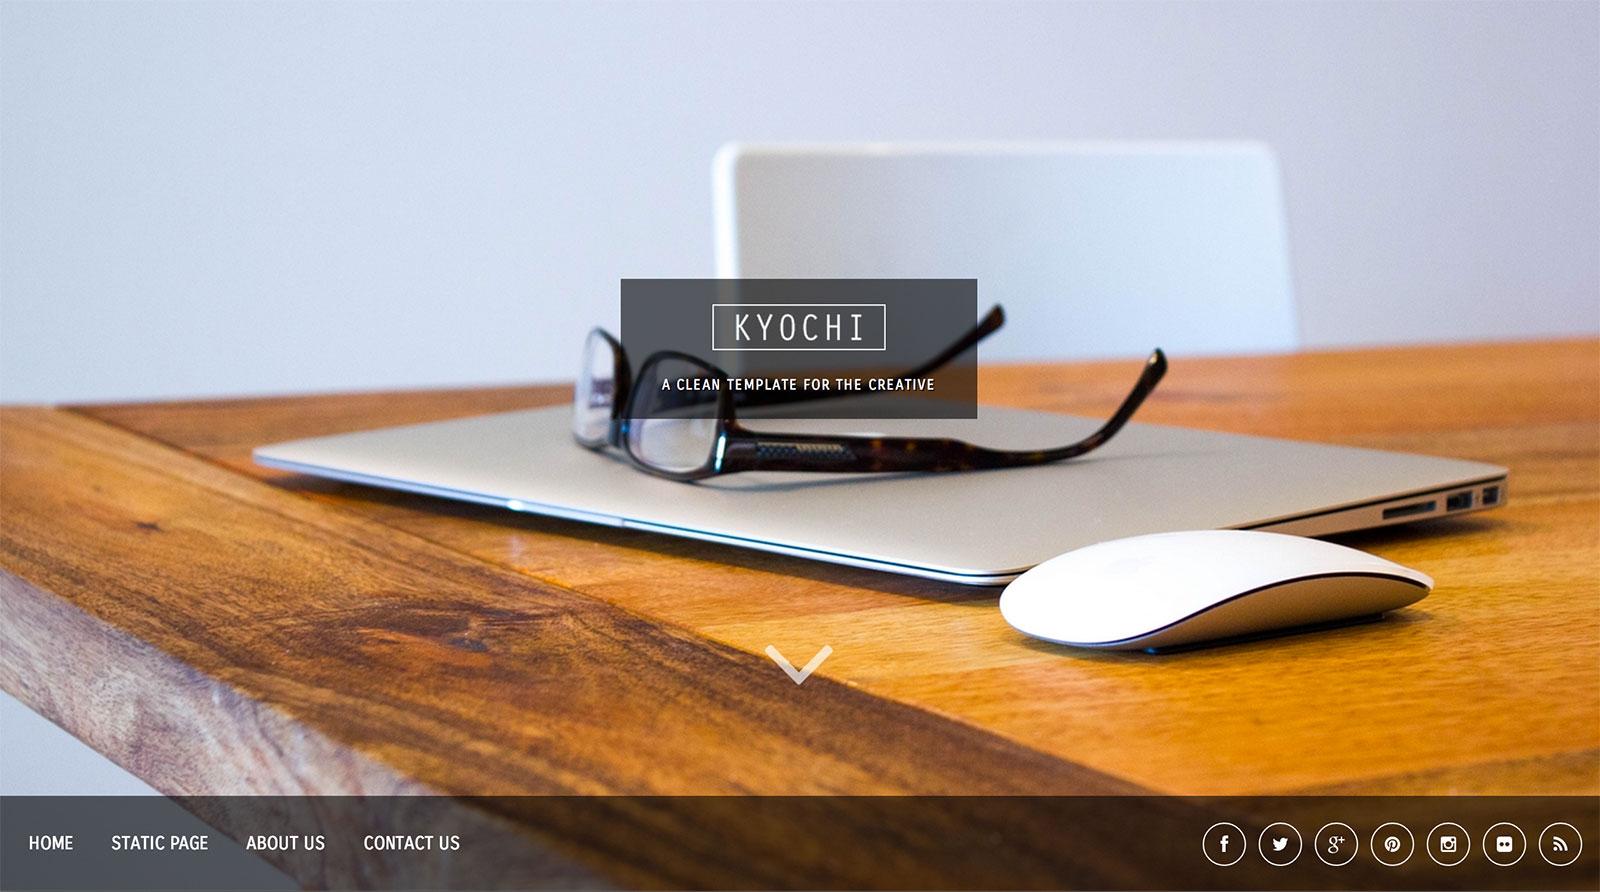 Kyochi theme